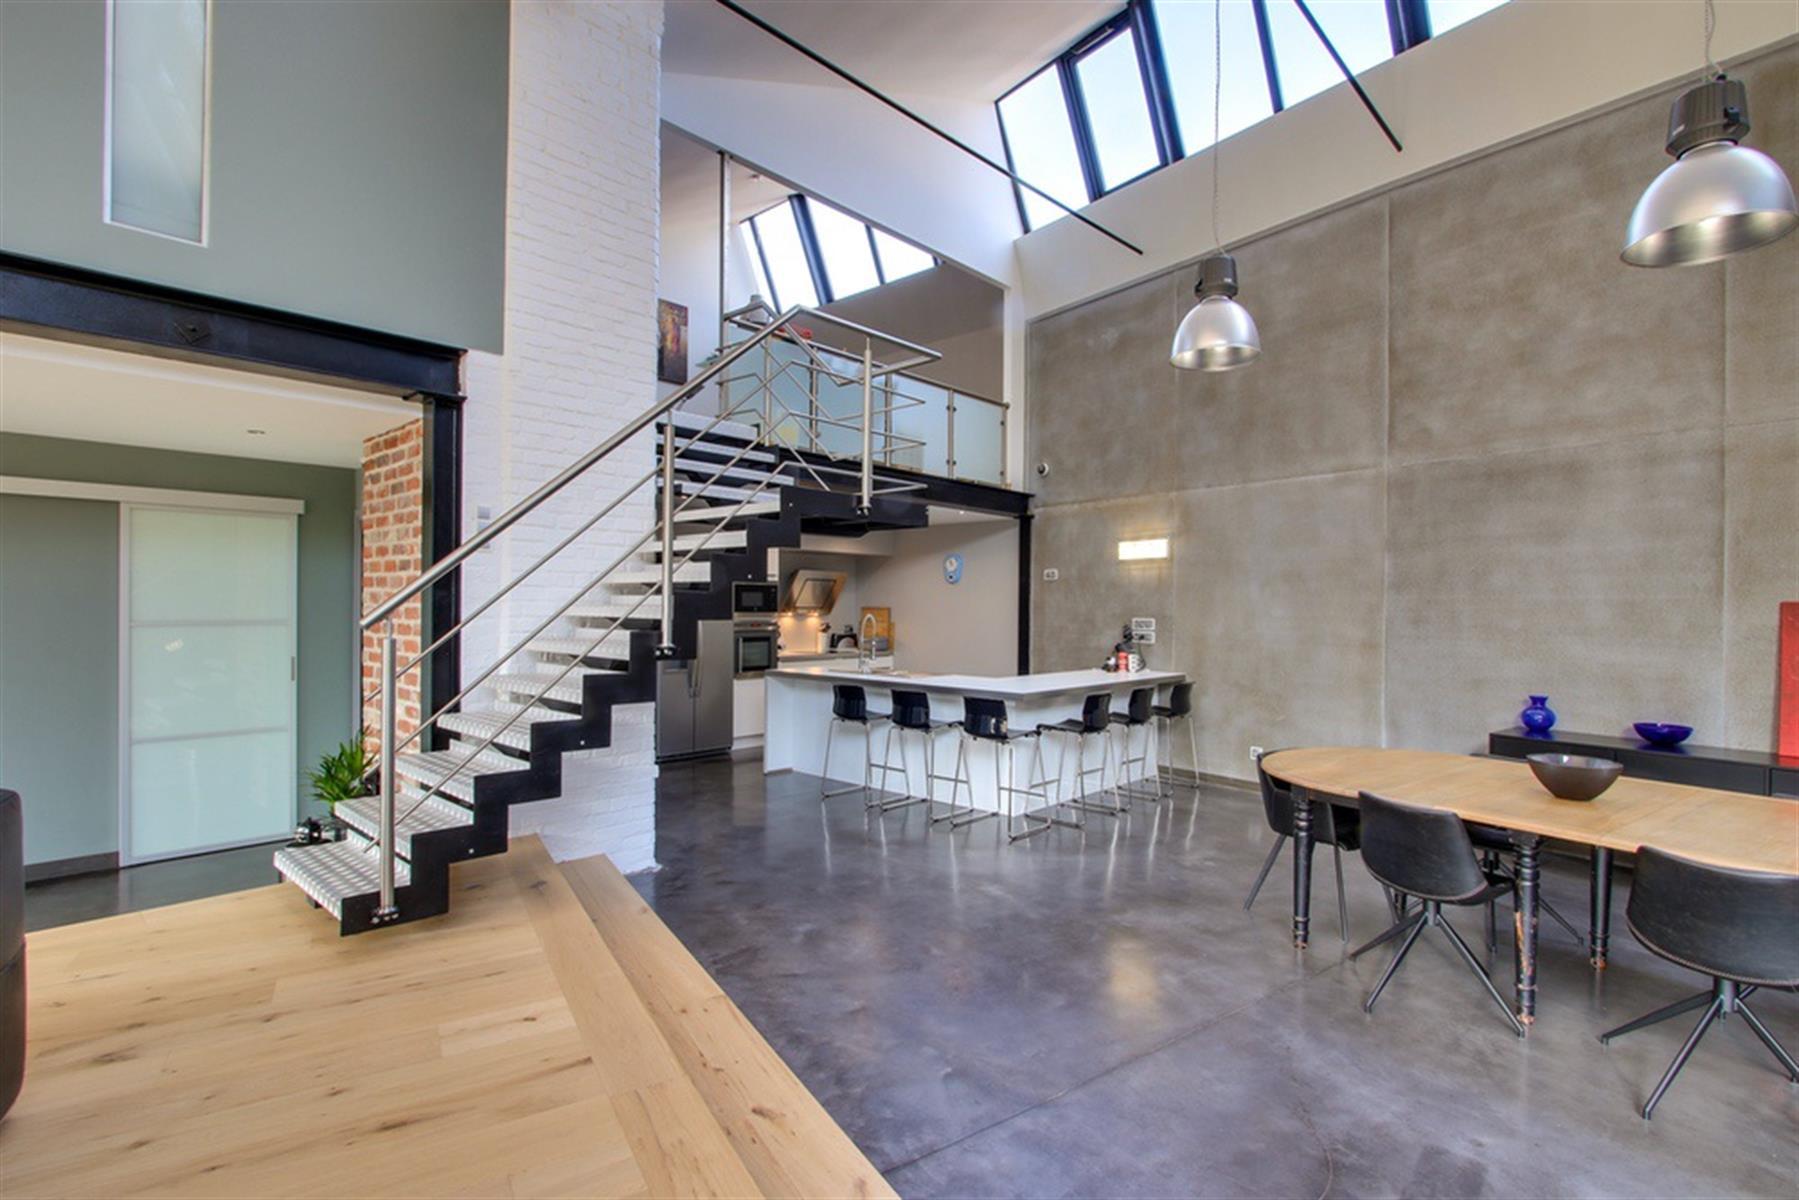 Loft aménagé avec goût dans un ancien entrepôt industriel.